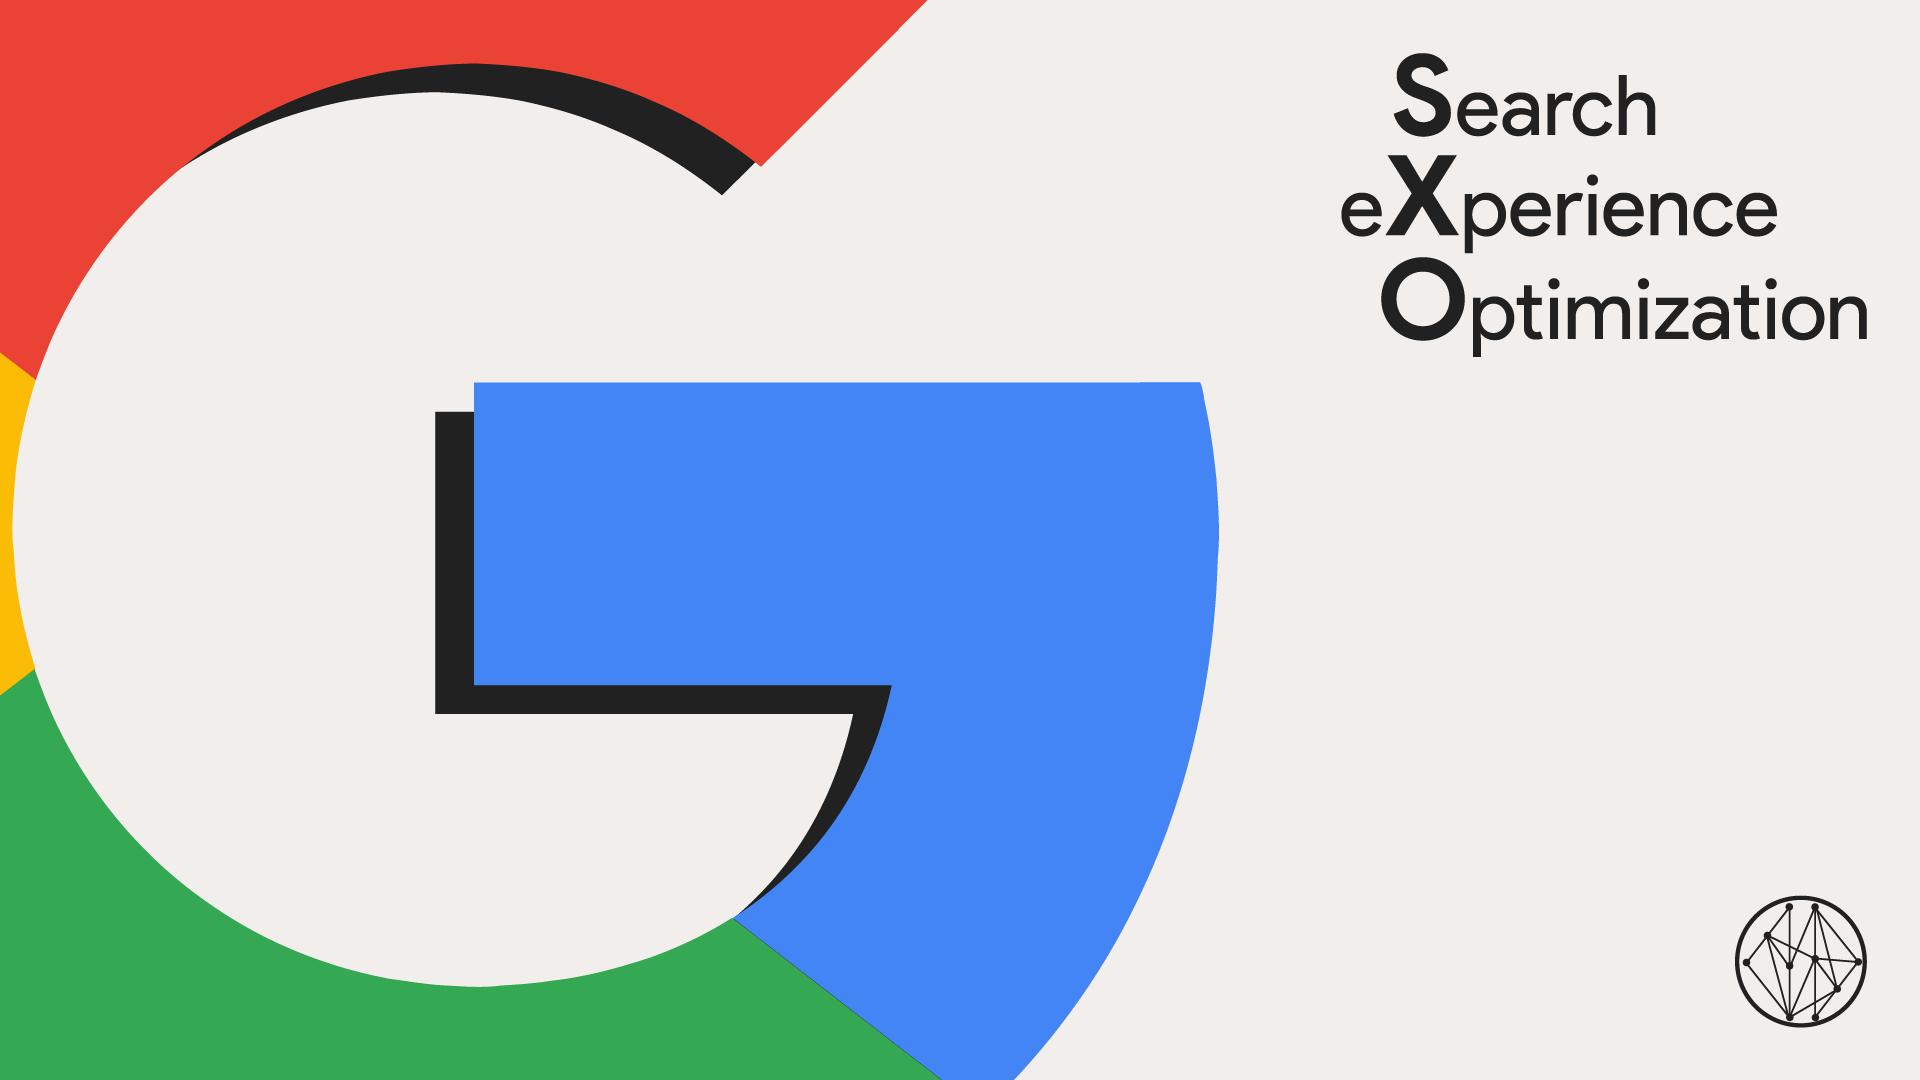 sxo-search-experience-optimization-evoluzione-seo-1